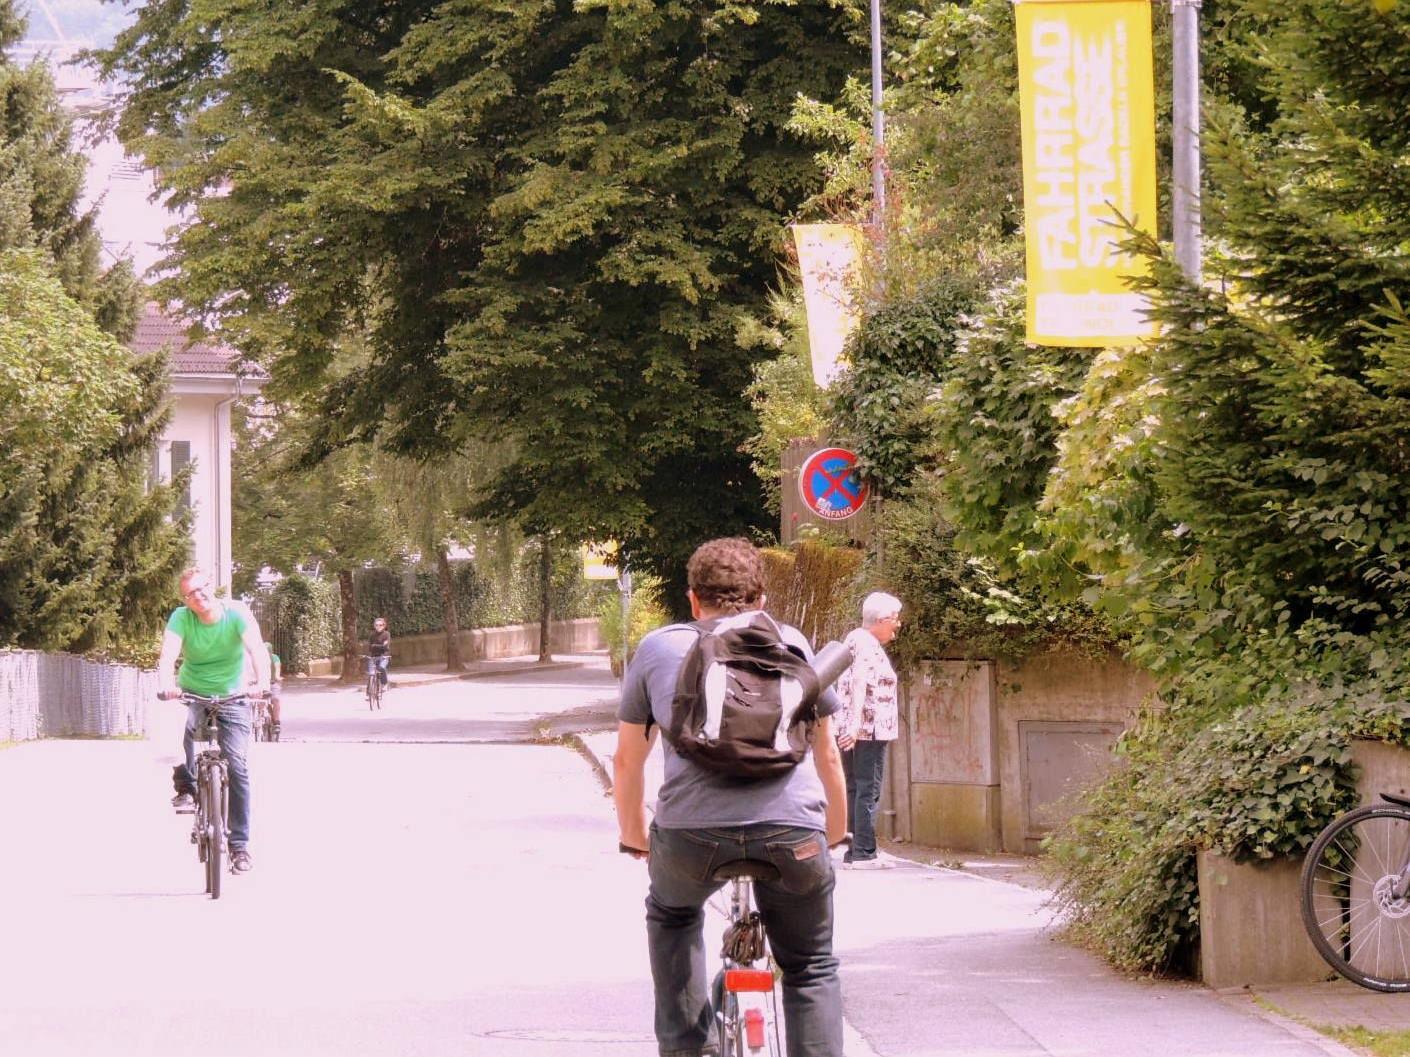 Radverkehr stetig verbessert